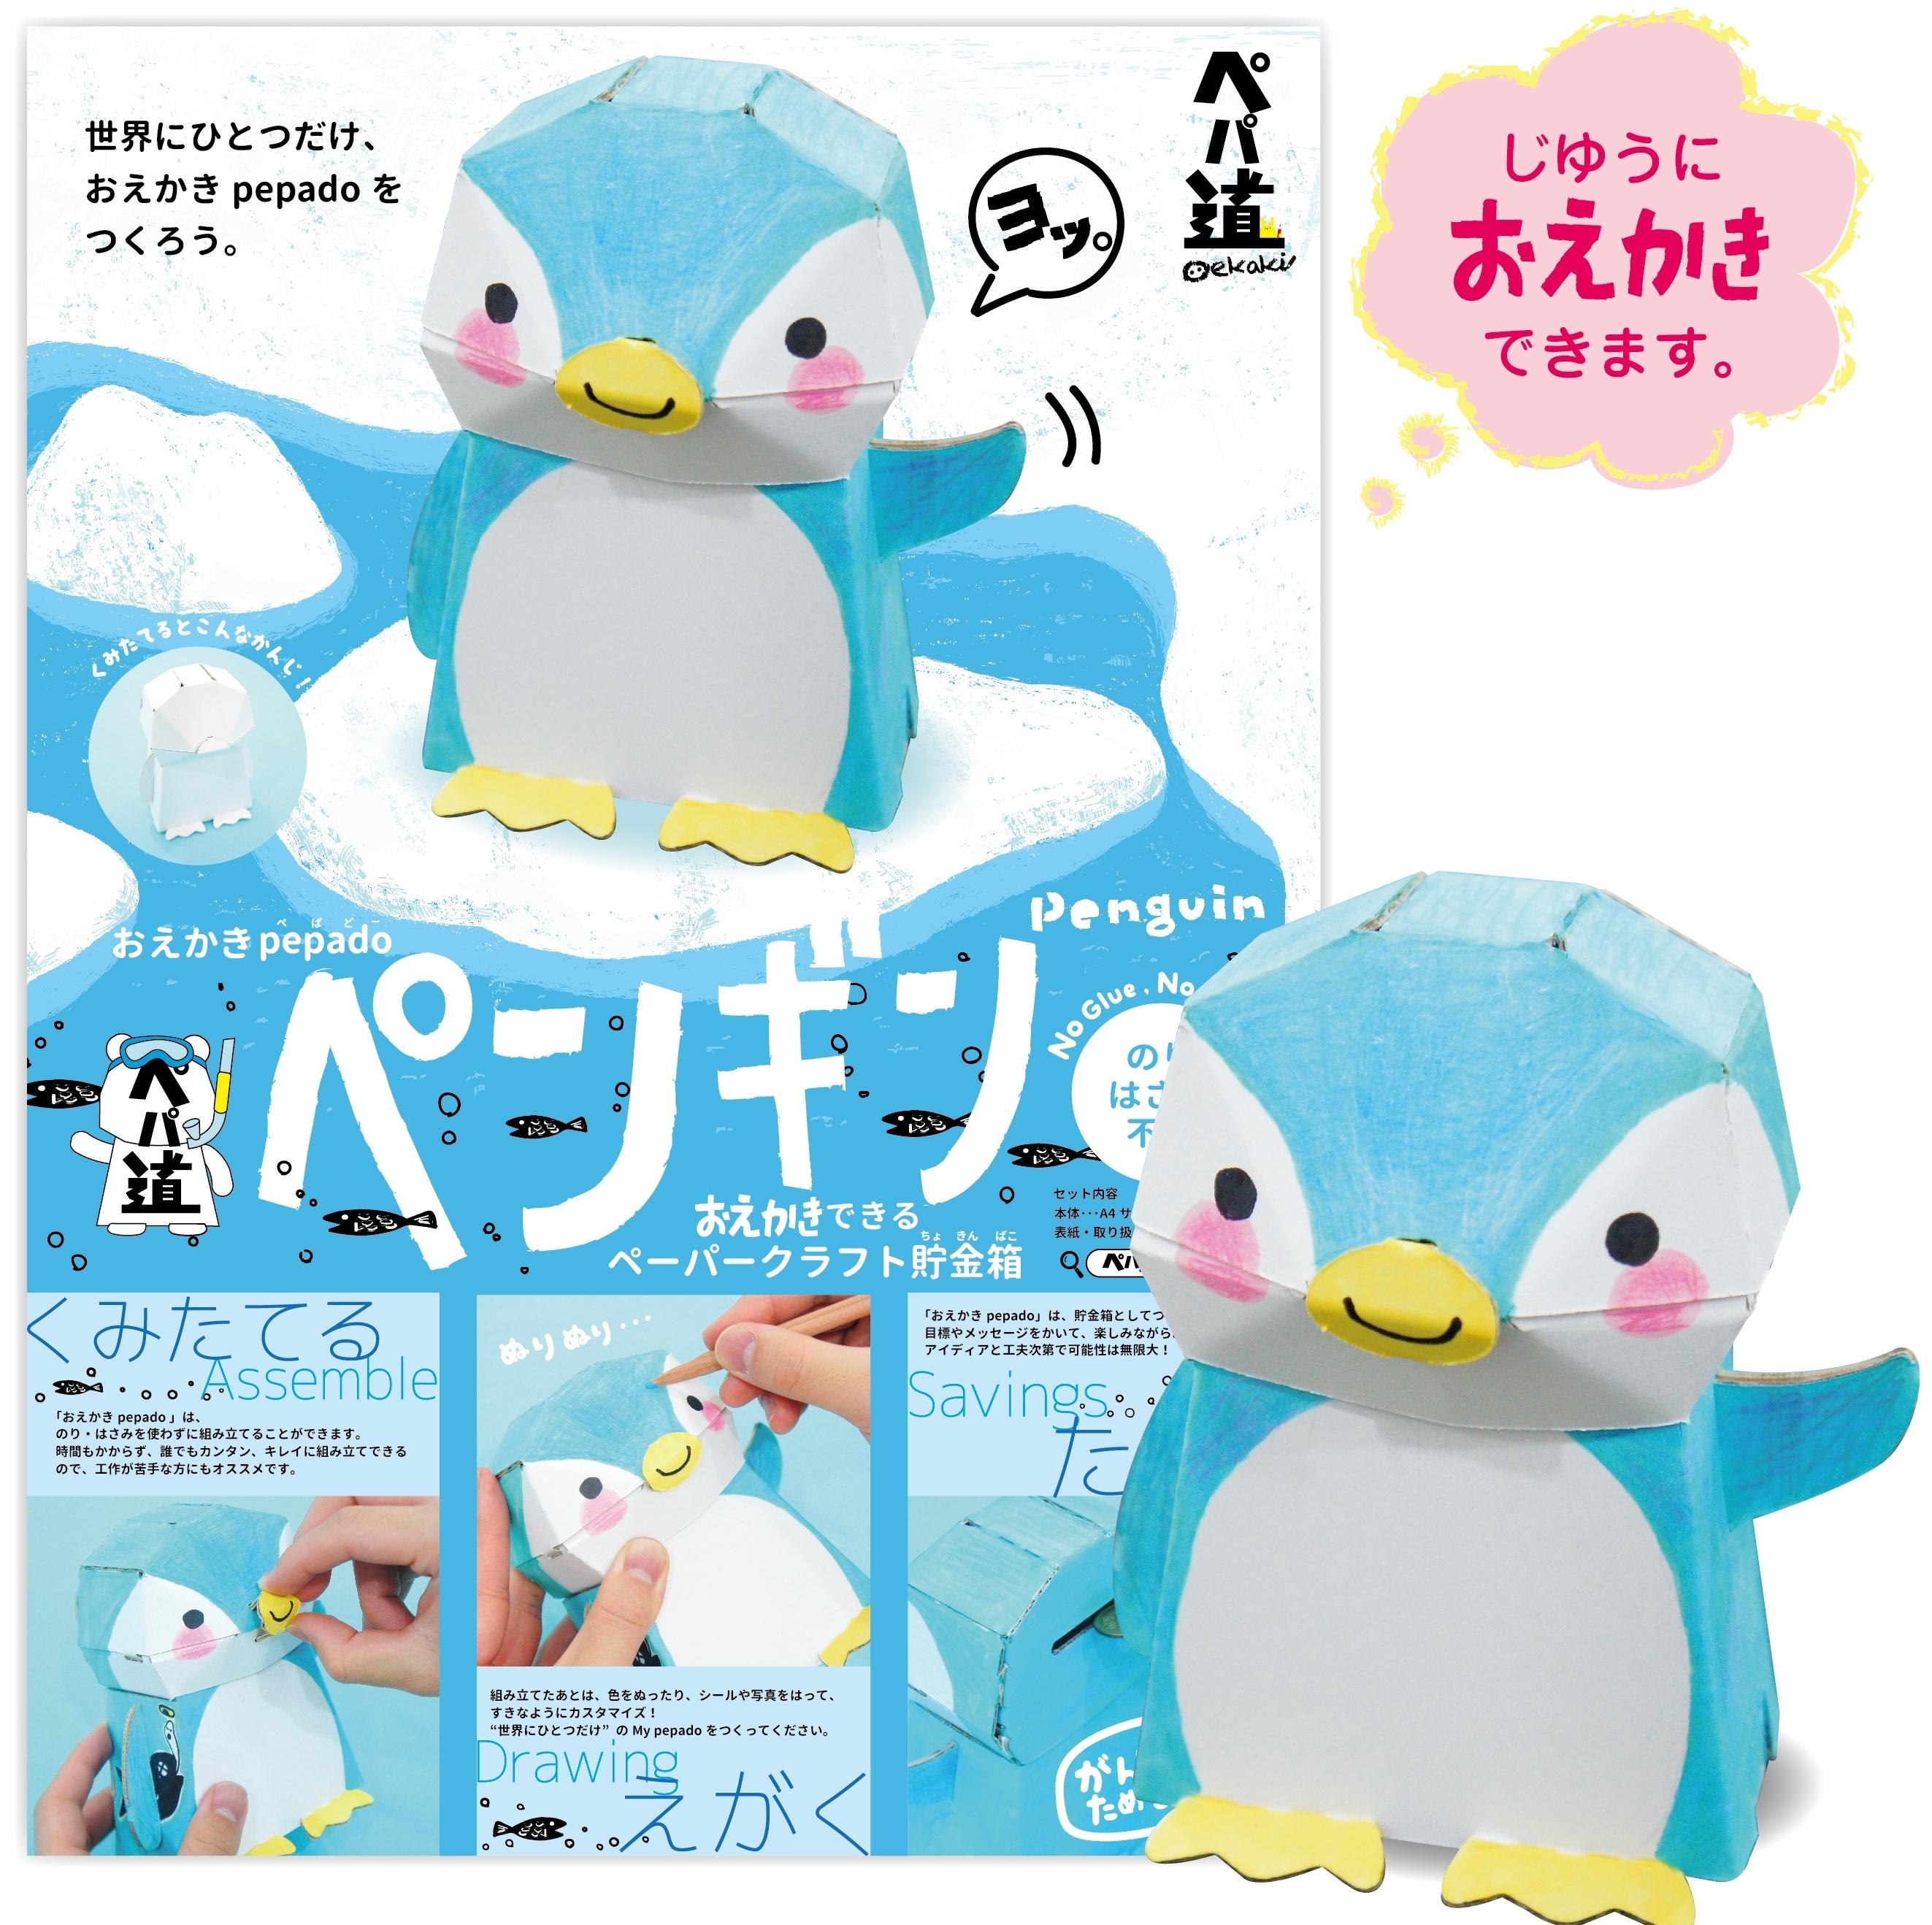 【おえかきできるペーパクラフト】おえかきpepado ペンギン